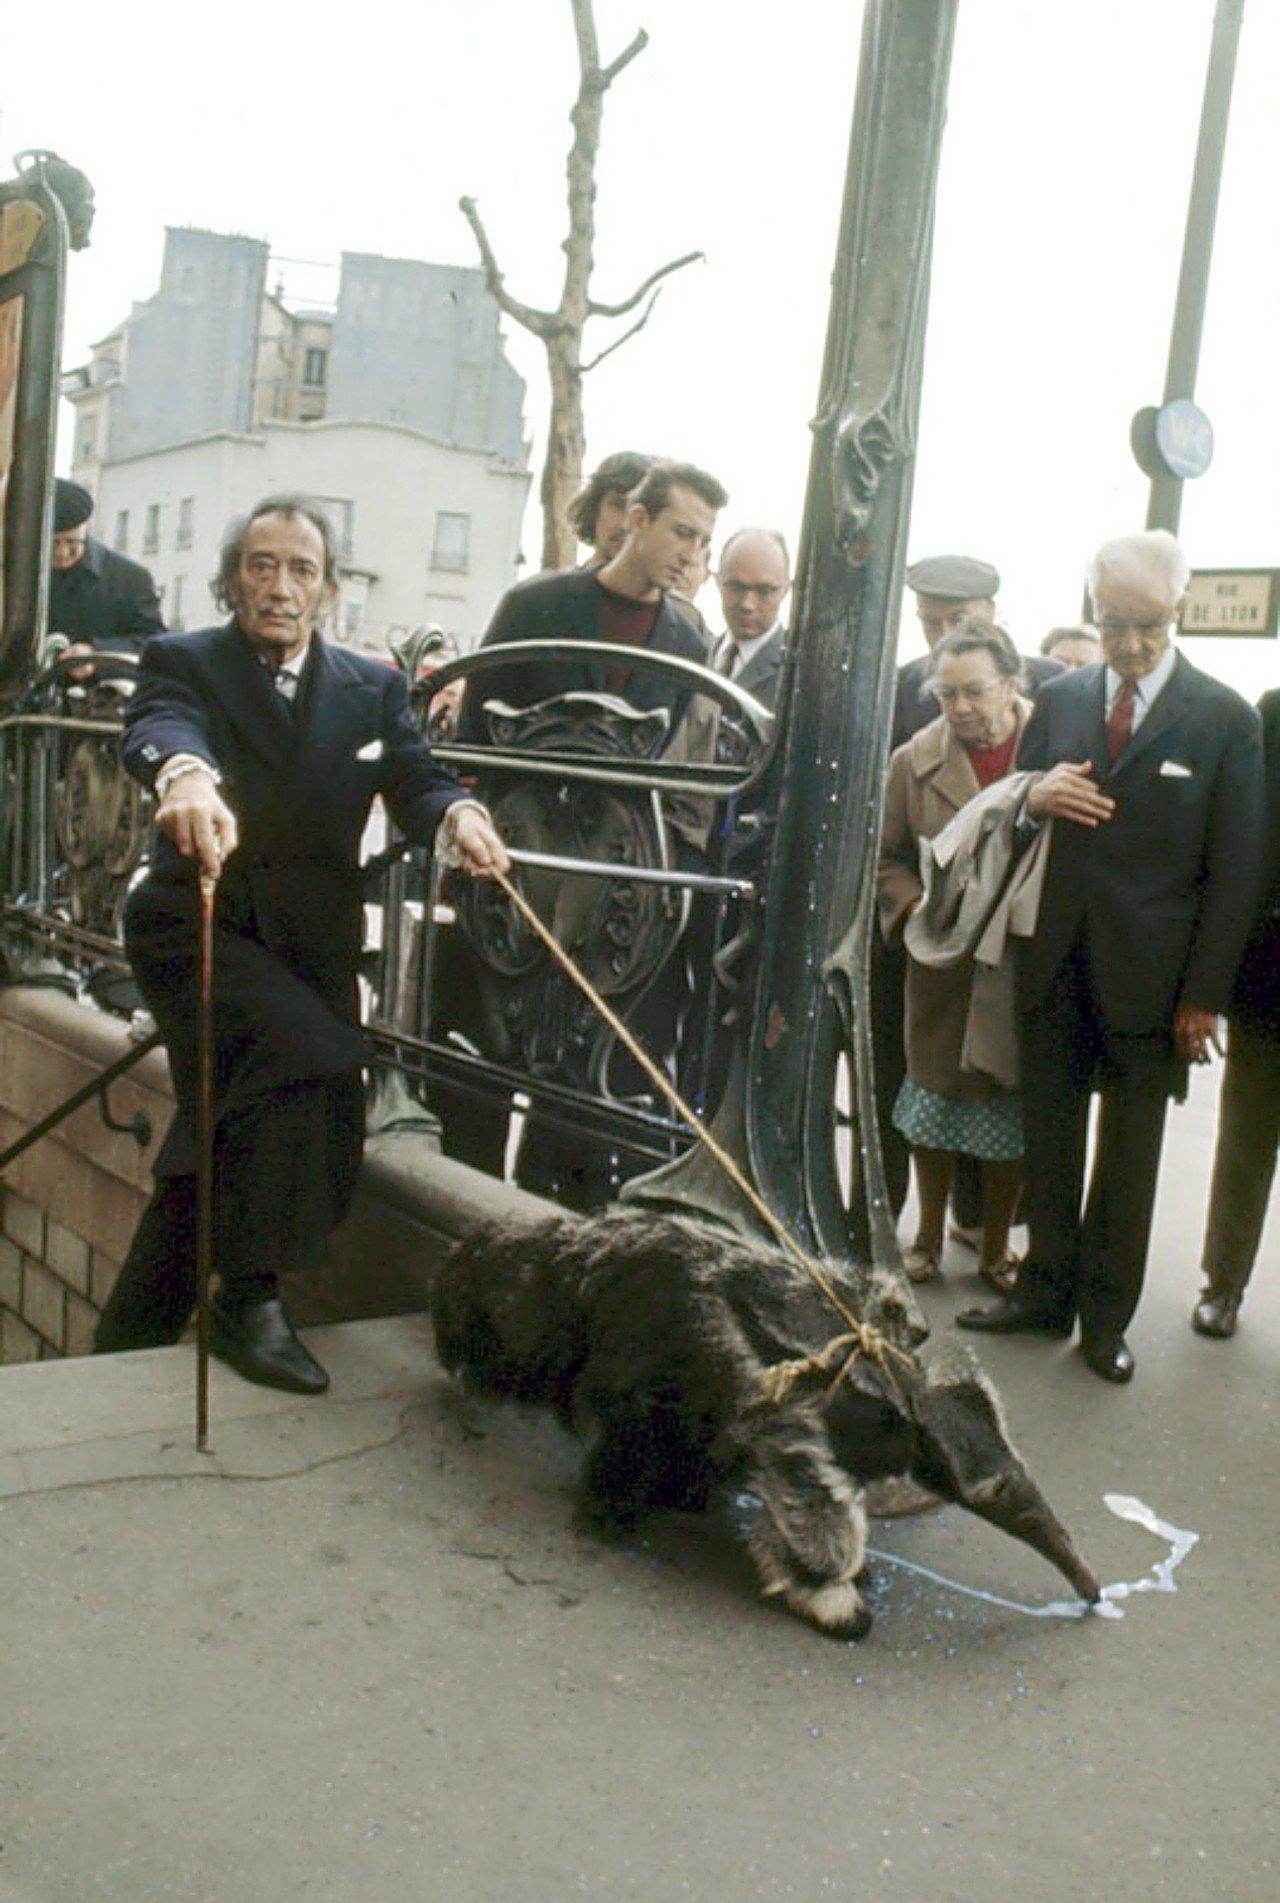 Кто-то выводит на прогулку собаку, а вот знаменитого художника Сальвадора Дали нередко можно было вс